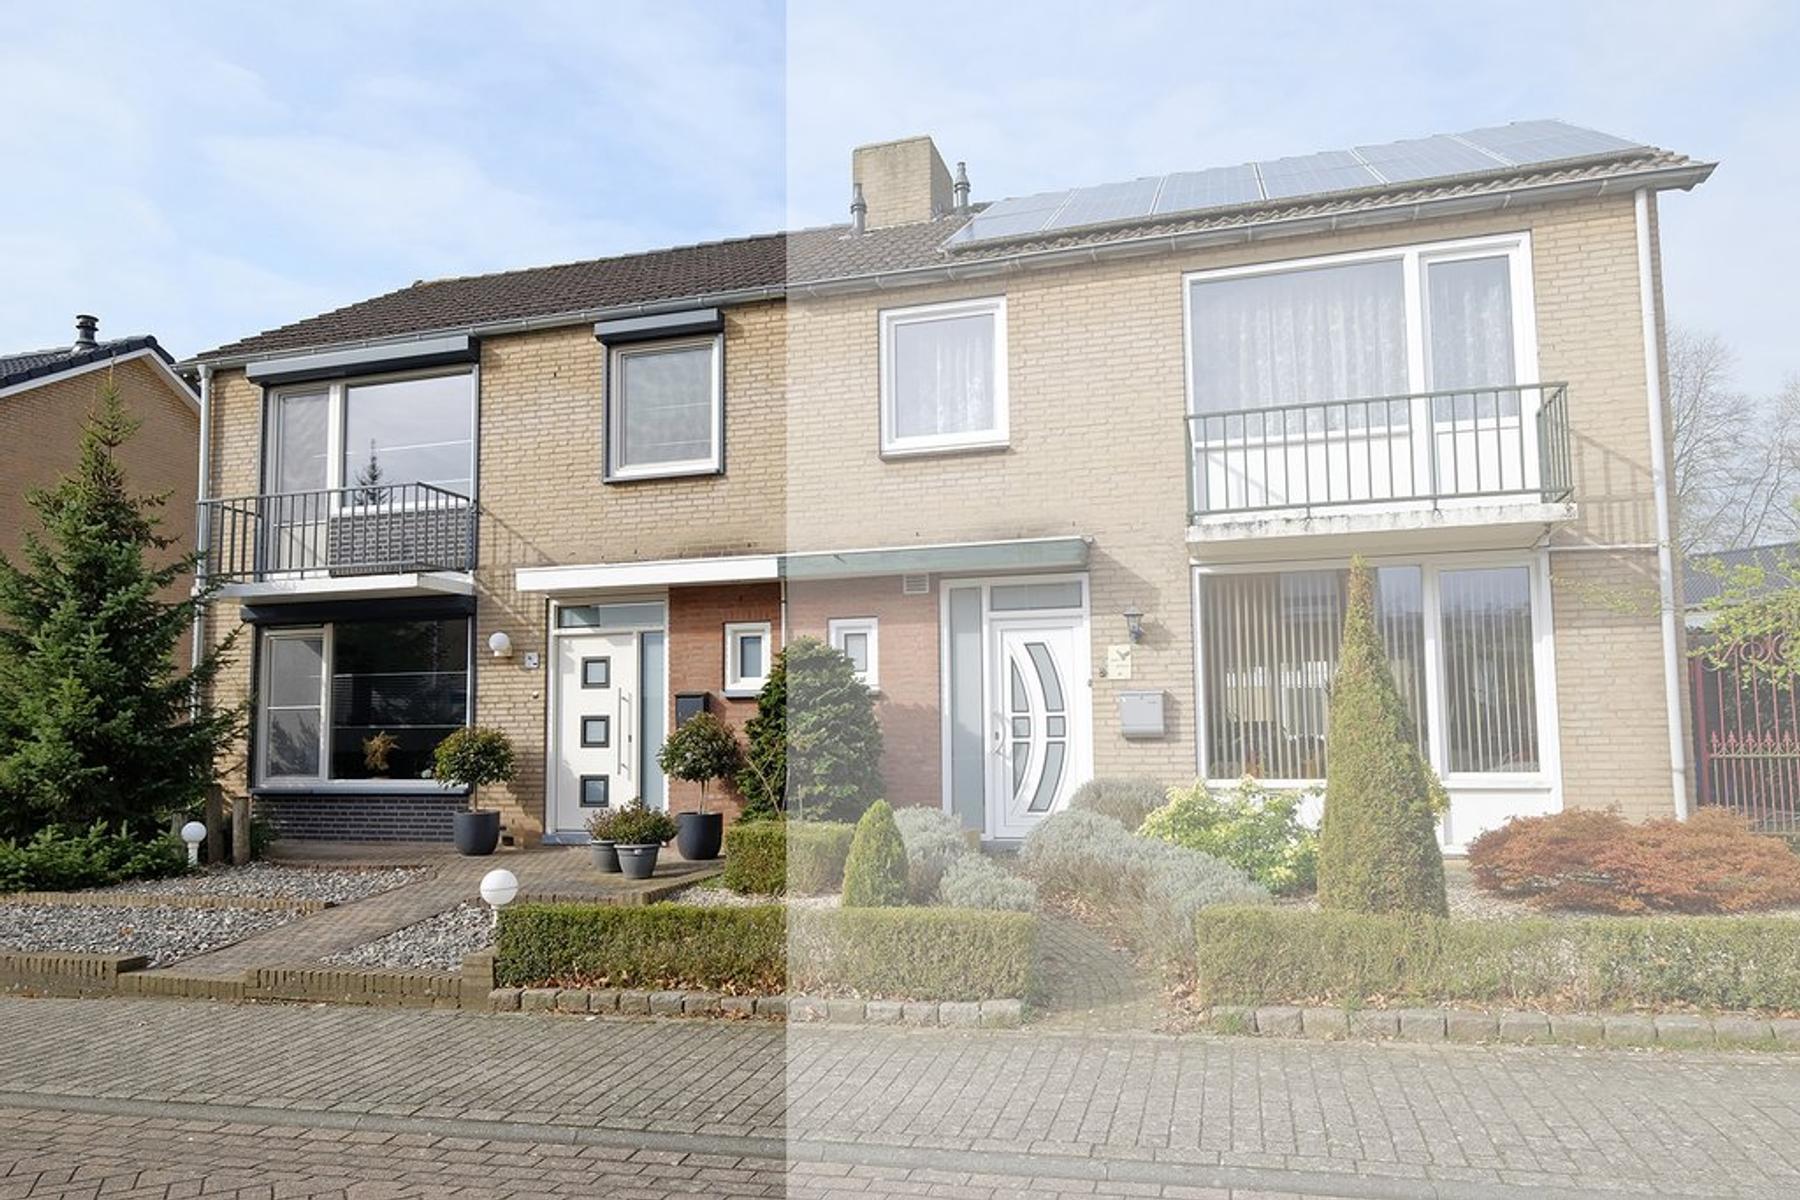 Johan Friso-Laan 41 in Sint Odilienberg 6077 CB